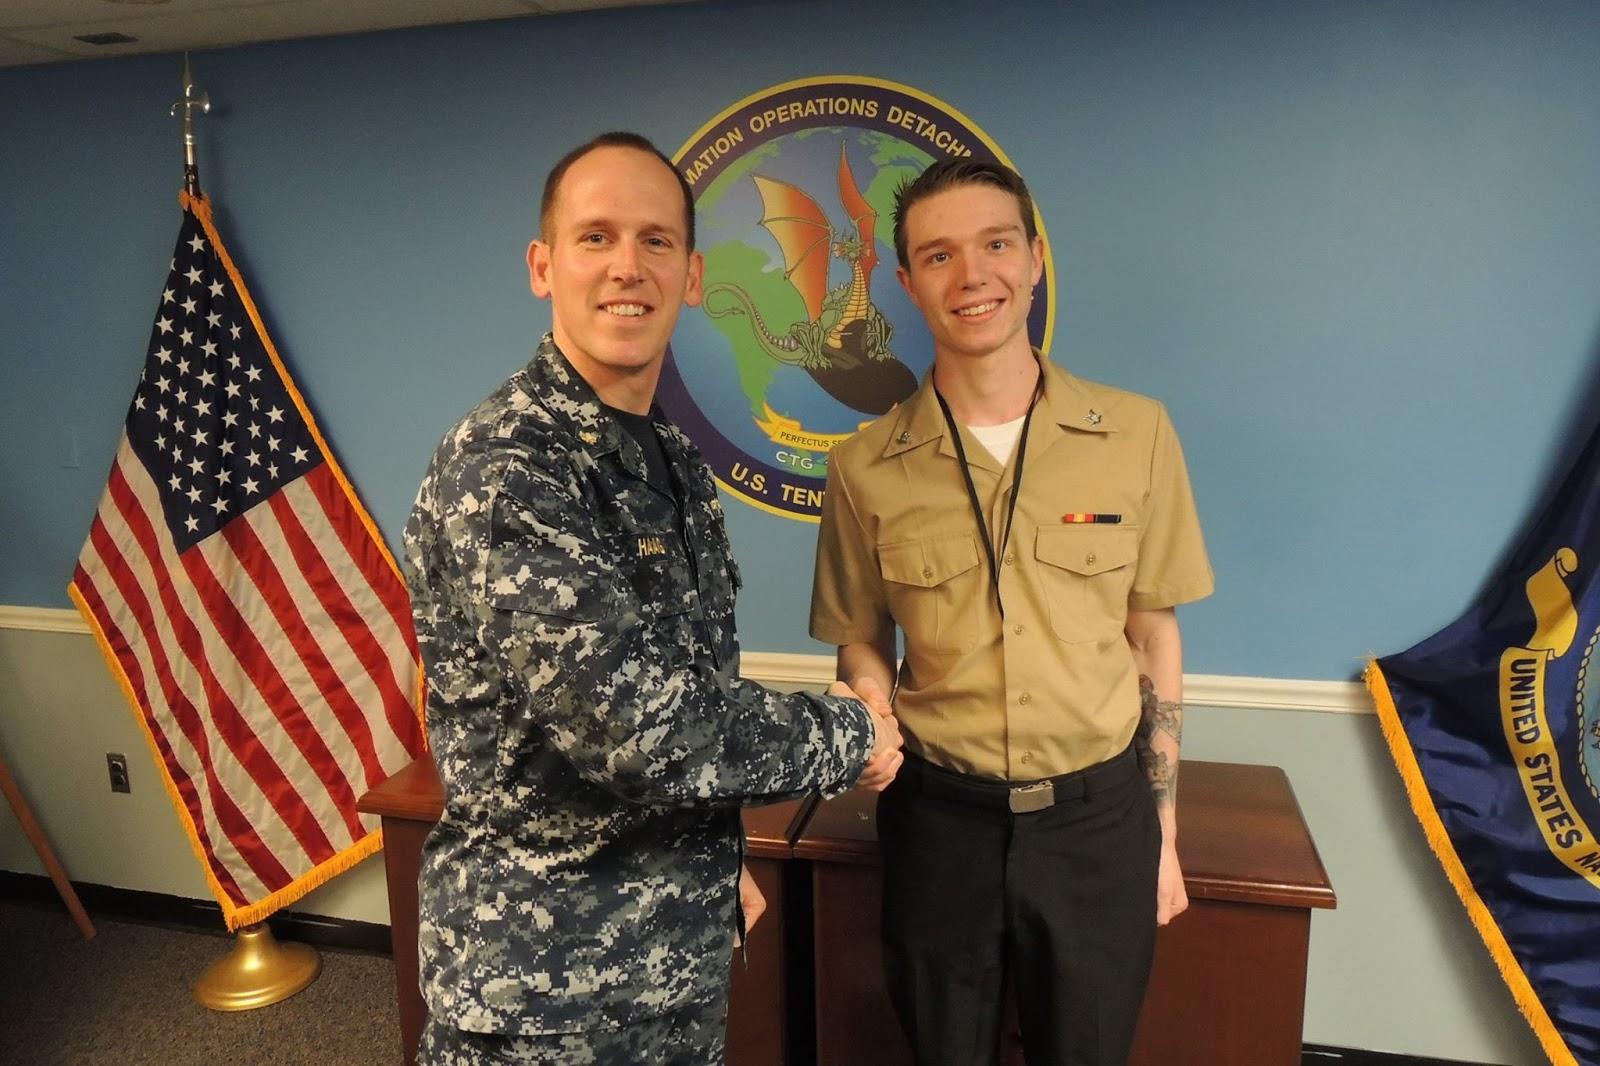 Petty Officer Third Class Uniform